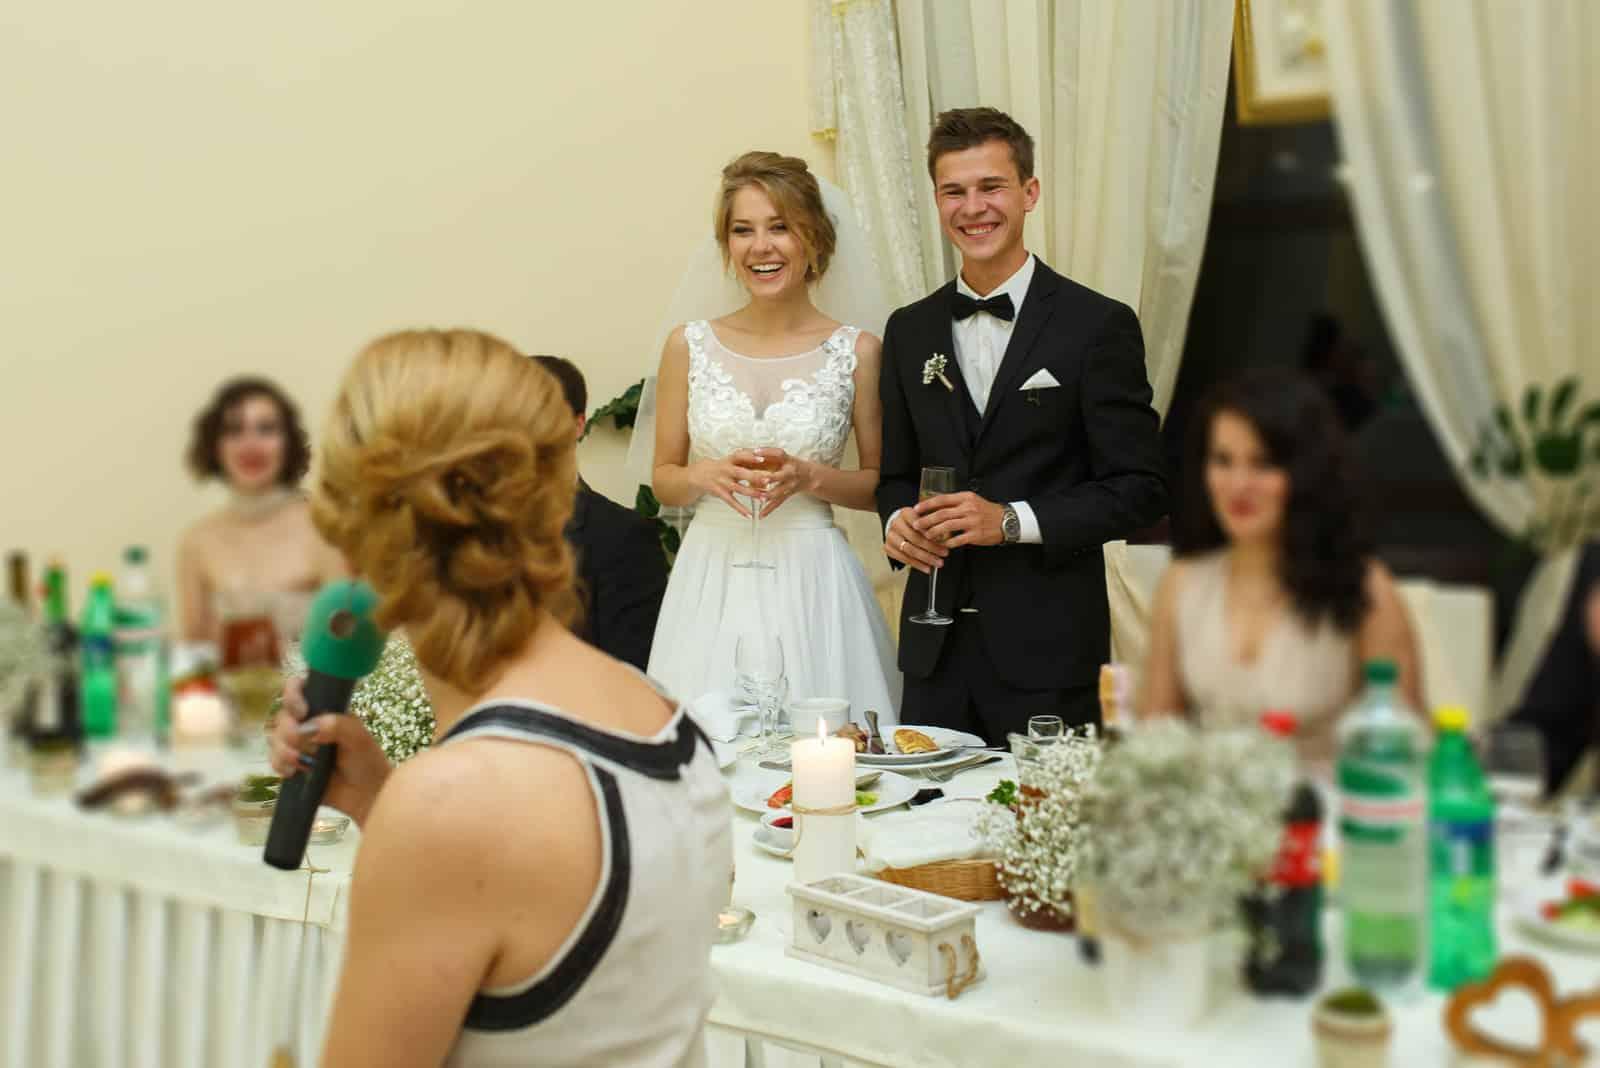 Patin bei der Hochzeit segnet das Brautpaar